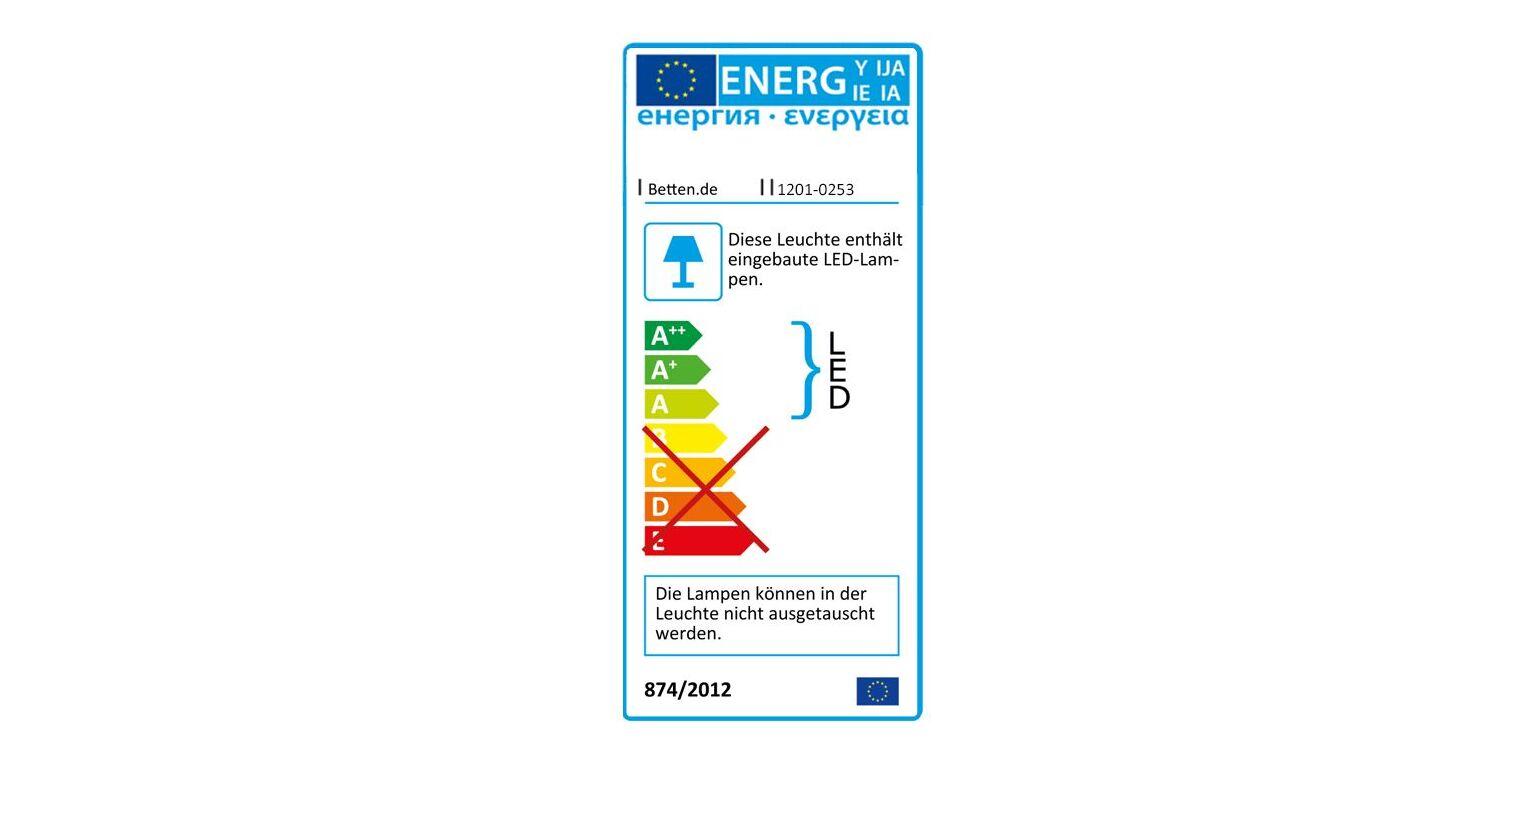 Energieverbrauchskennzeichnung vom Bett Livingston